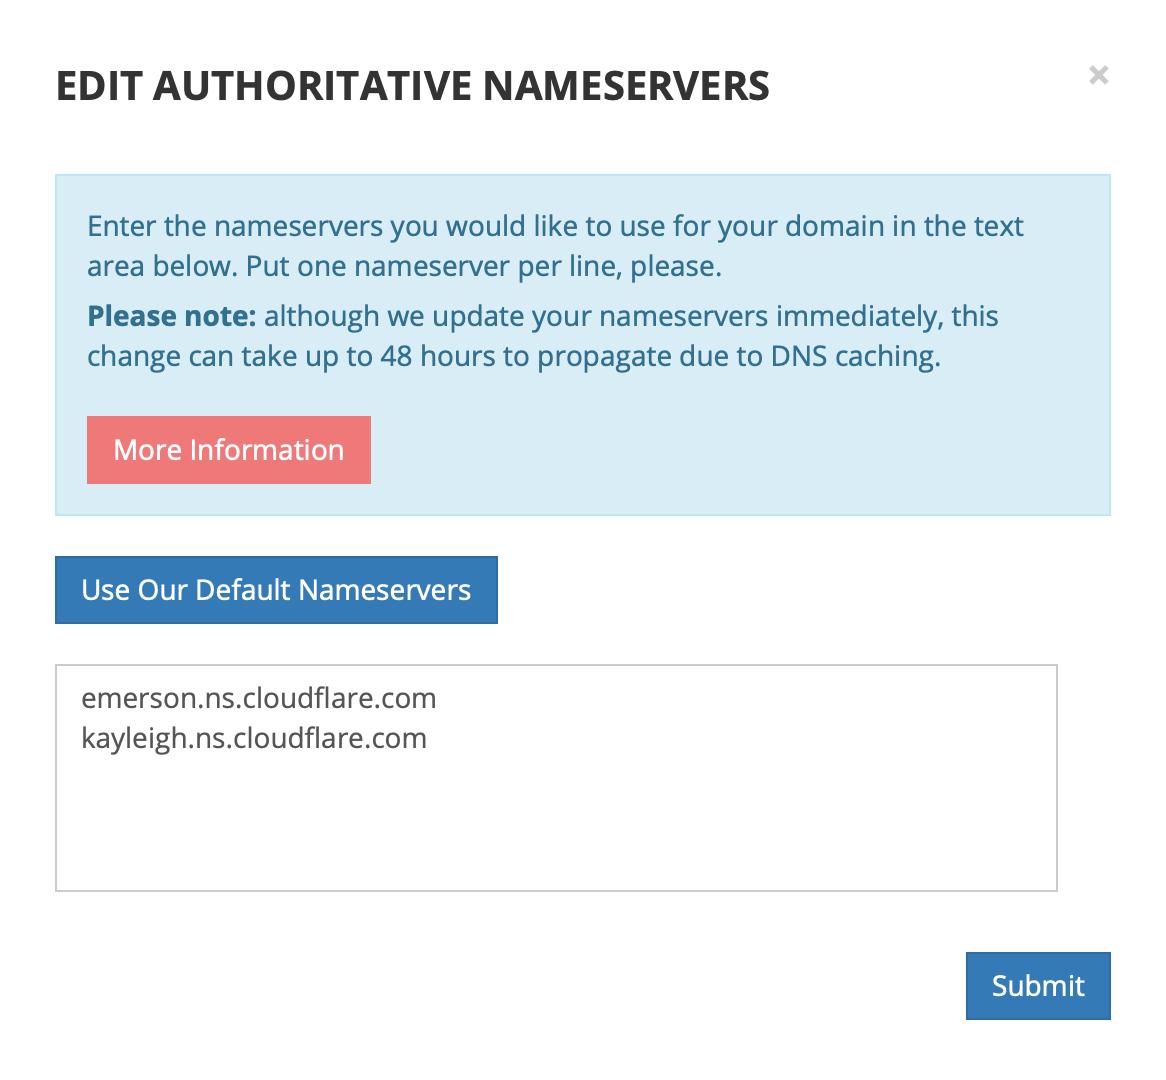 도메인 제공업체의 네임서버를 모두 지우고 cloudflare 사의 네임서버만 남겨두었다.